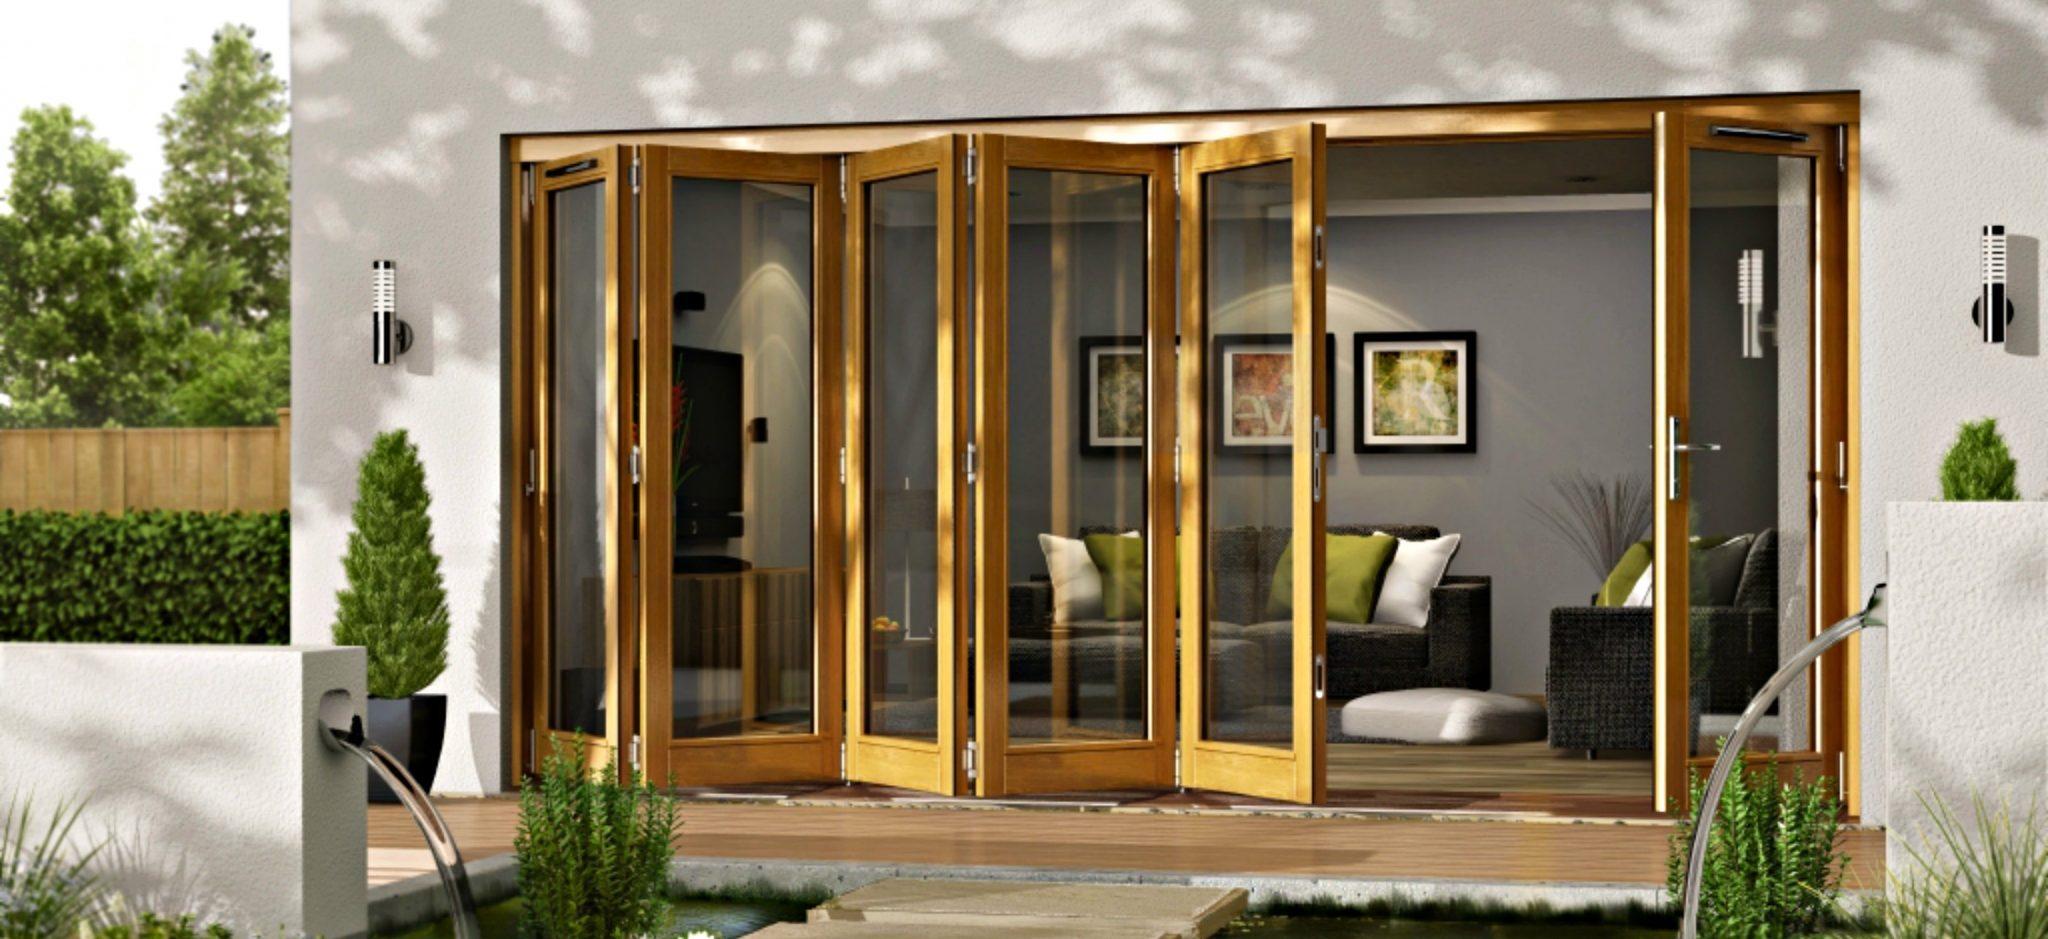 External Folding and Sliding Doors Patio Doors from Doors